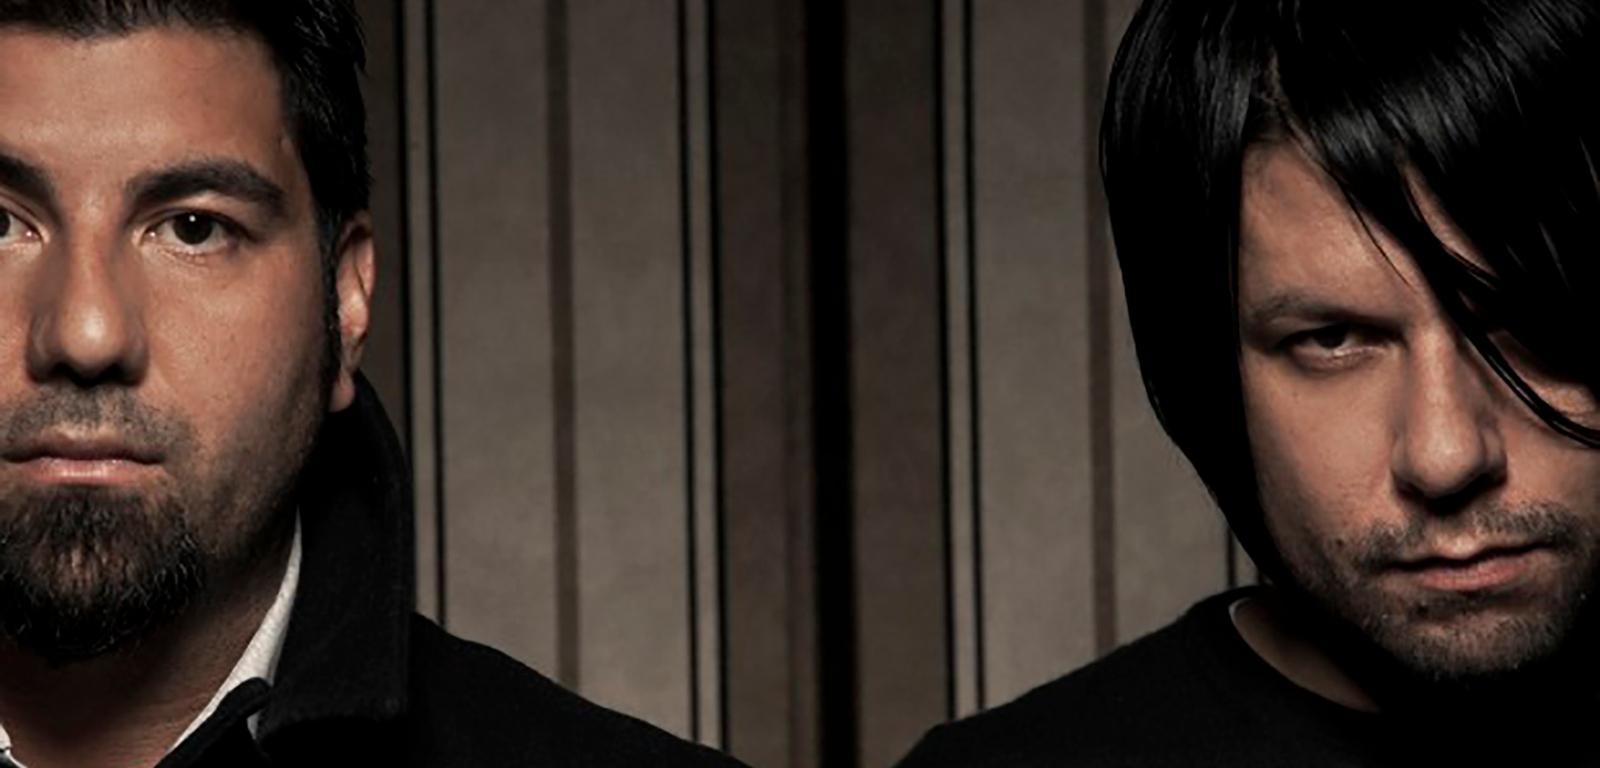 Proiectul vocalistului DEFTONES, Chino Moreno, CROSSES a lansat o piesă nouă